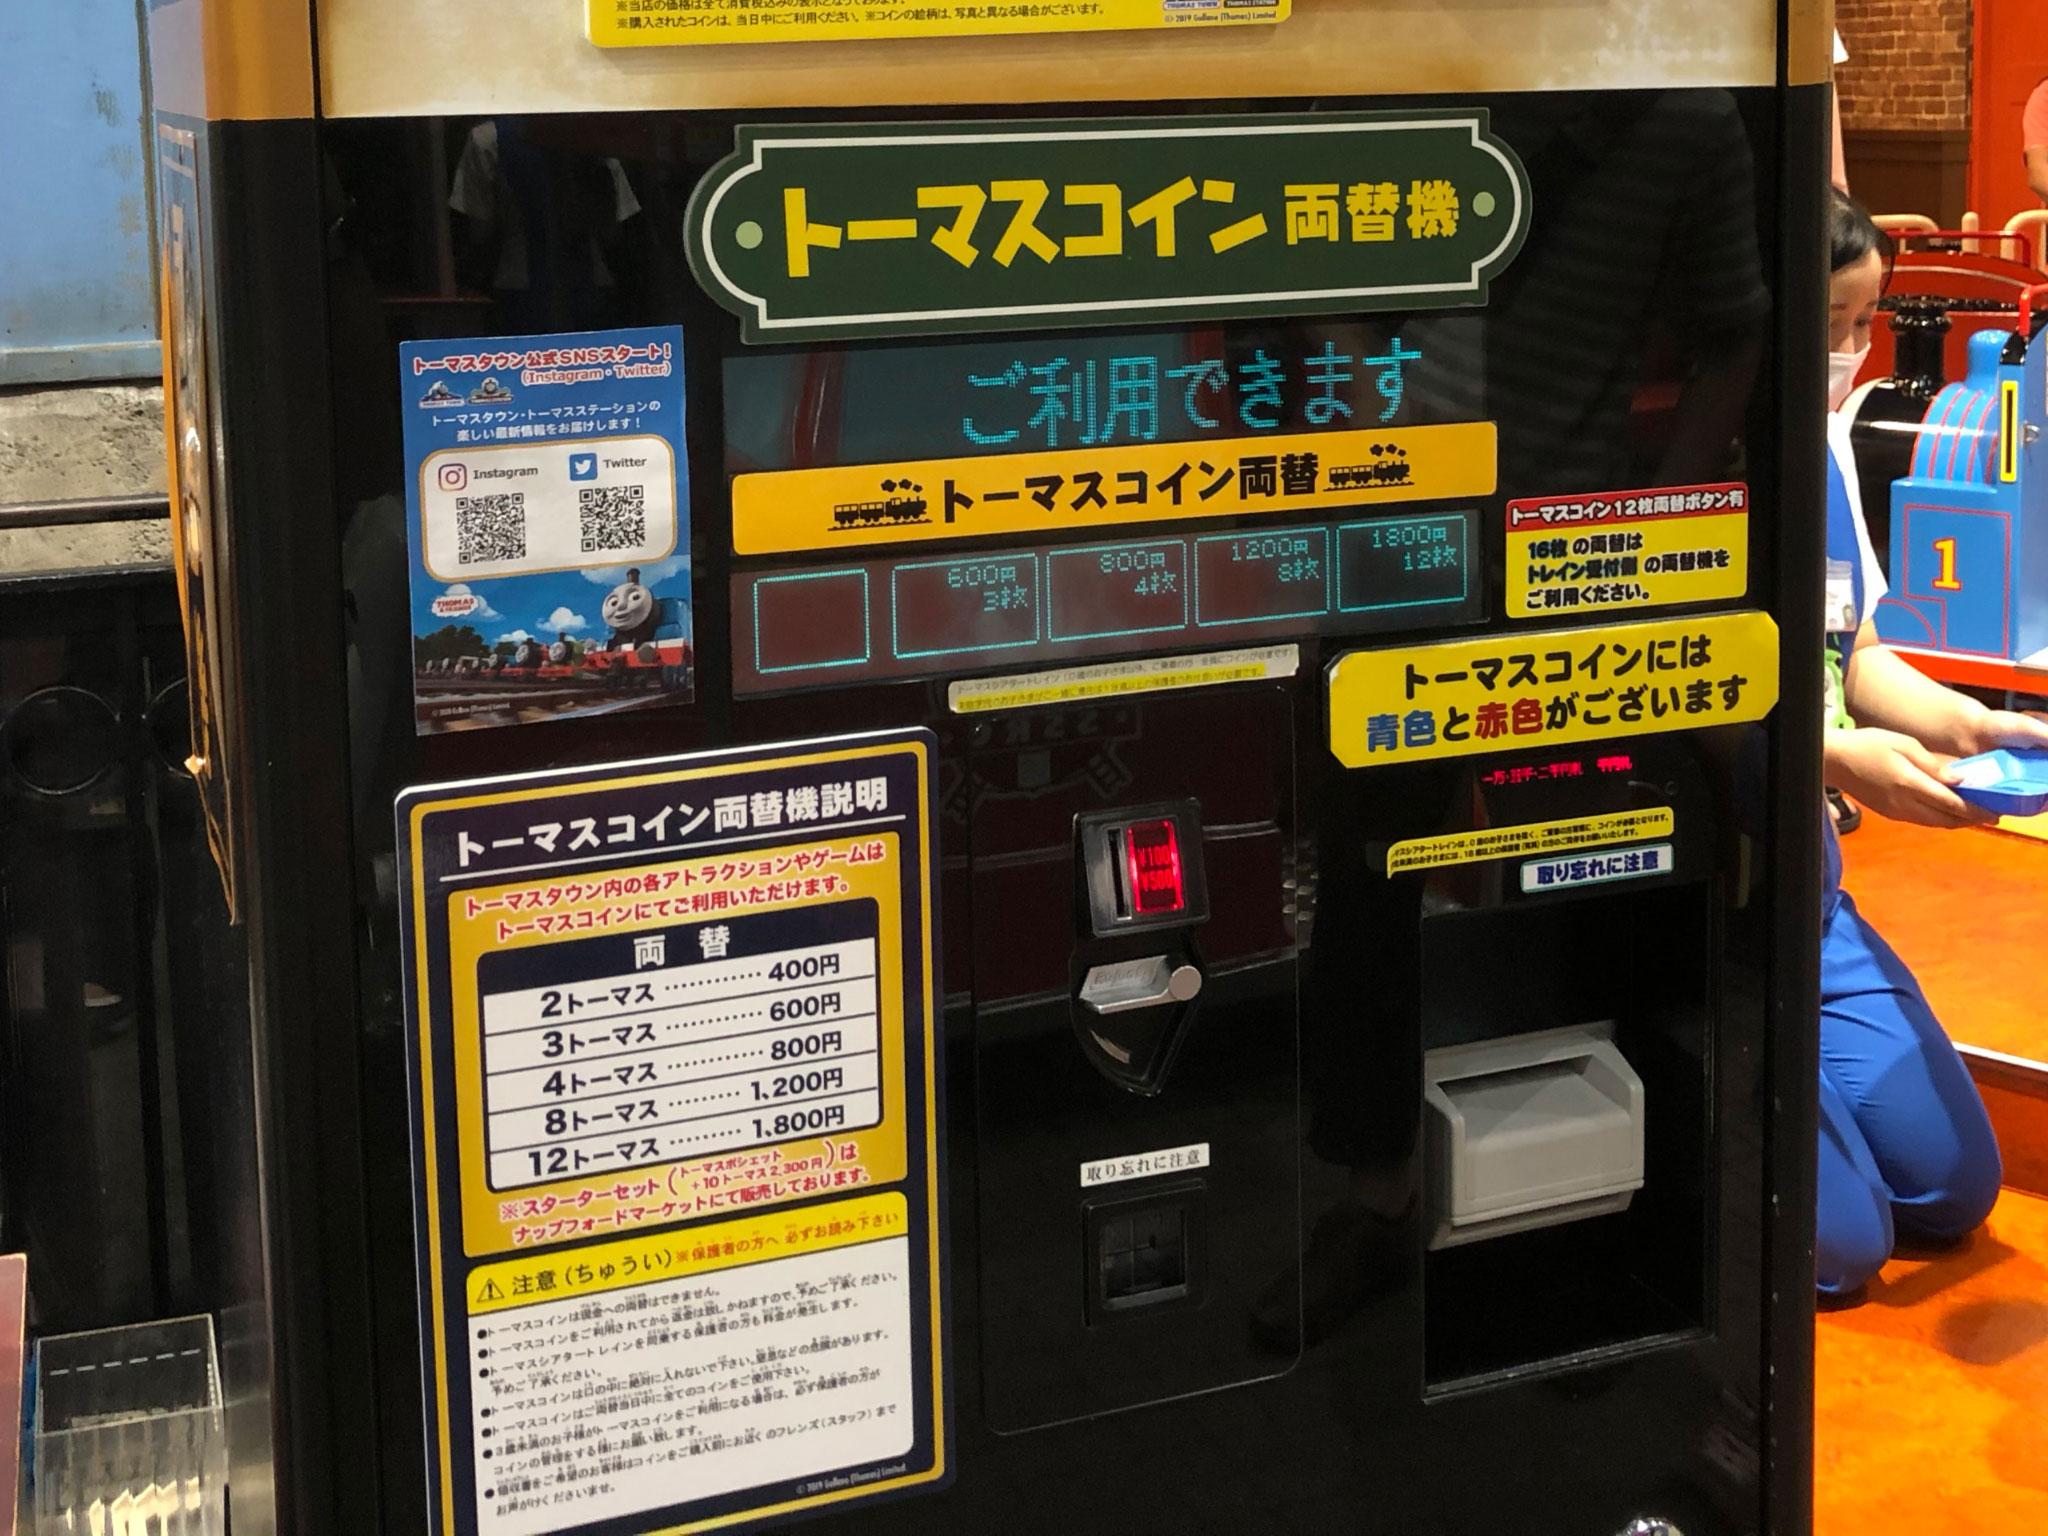 トーマスタウンのトーマスコイン両替機